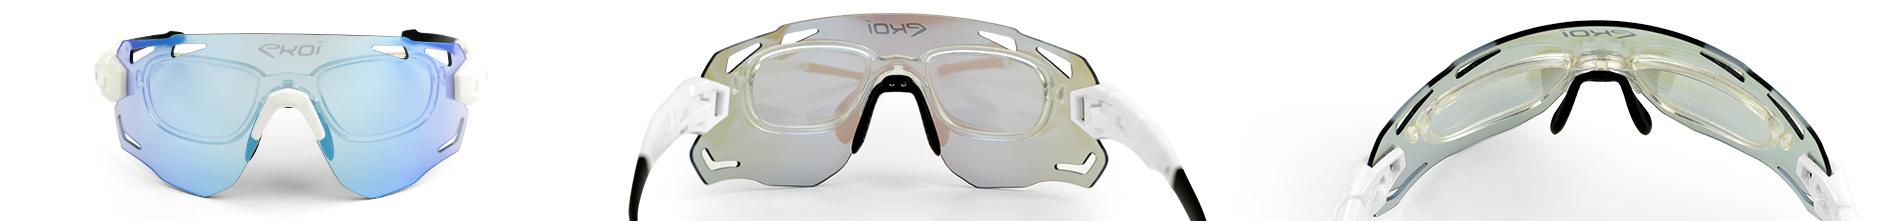 insert optique pour lunettes vélo à votre vue avec verres correcteurs